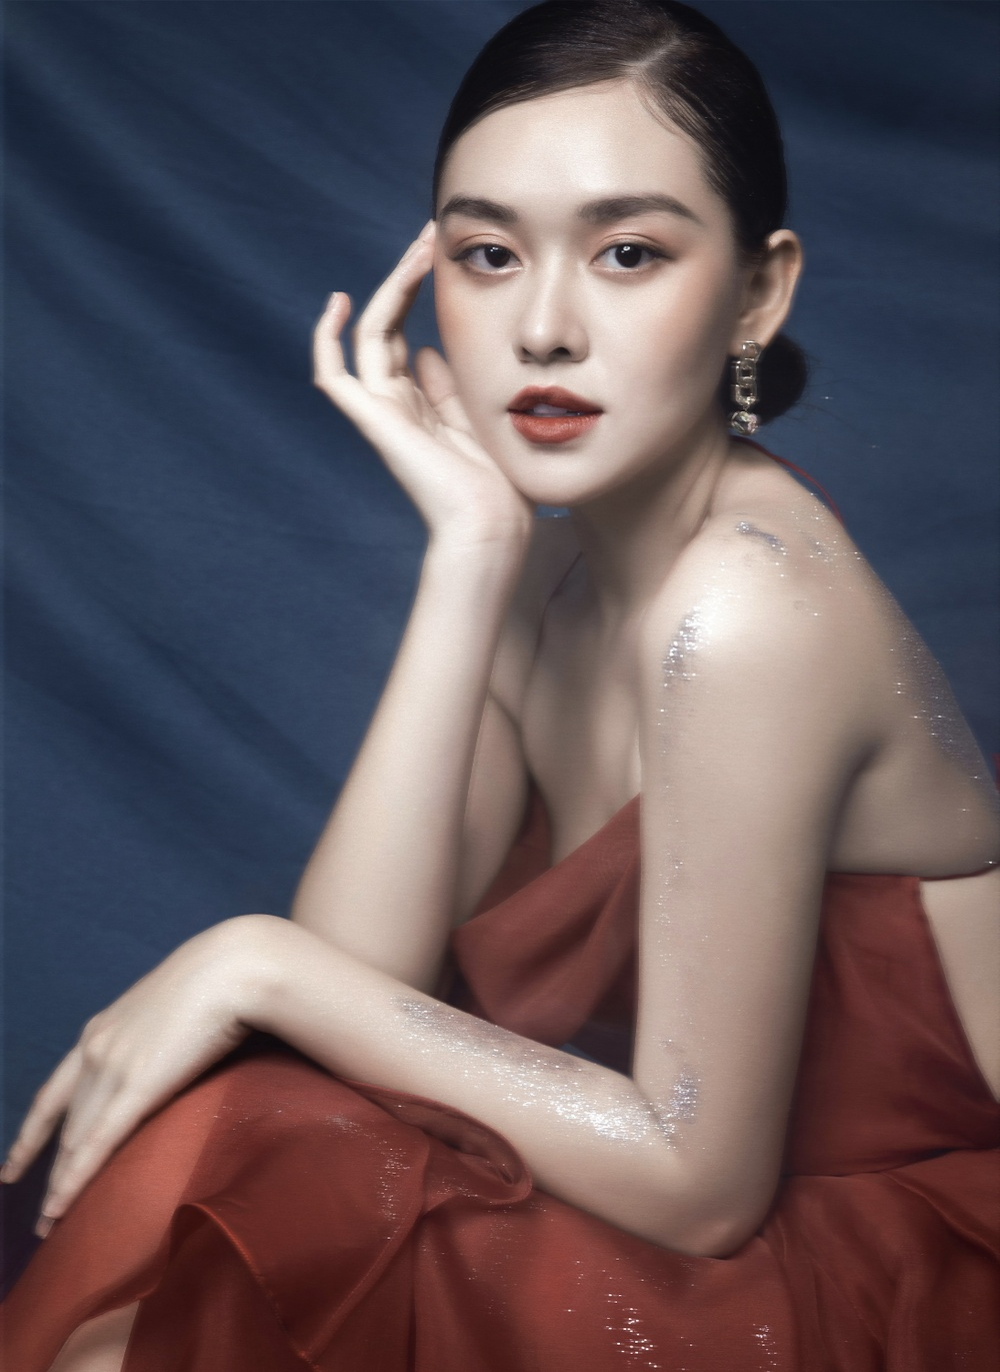 Á hậu Tường San hóa 'Hằng Nga', đẹp ma mị trong bộ ảnh mới dịp Trung thu Ảnh 5